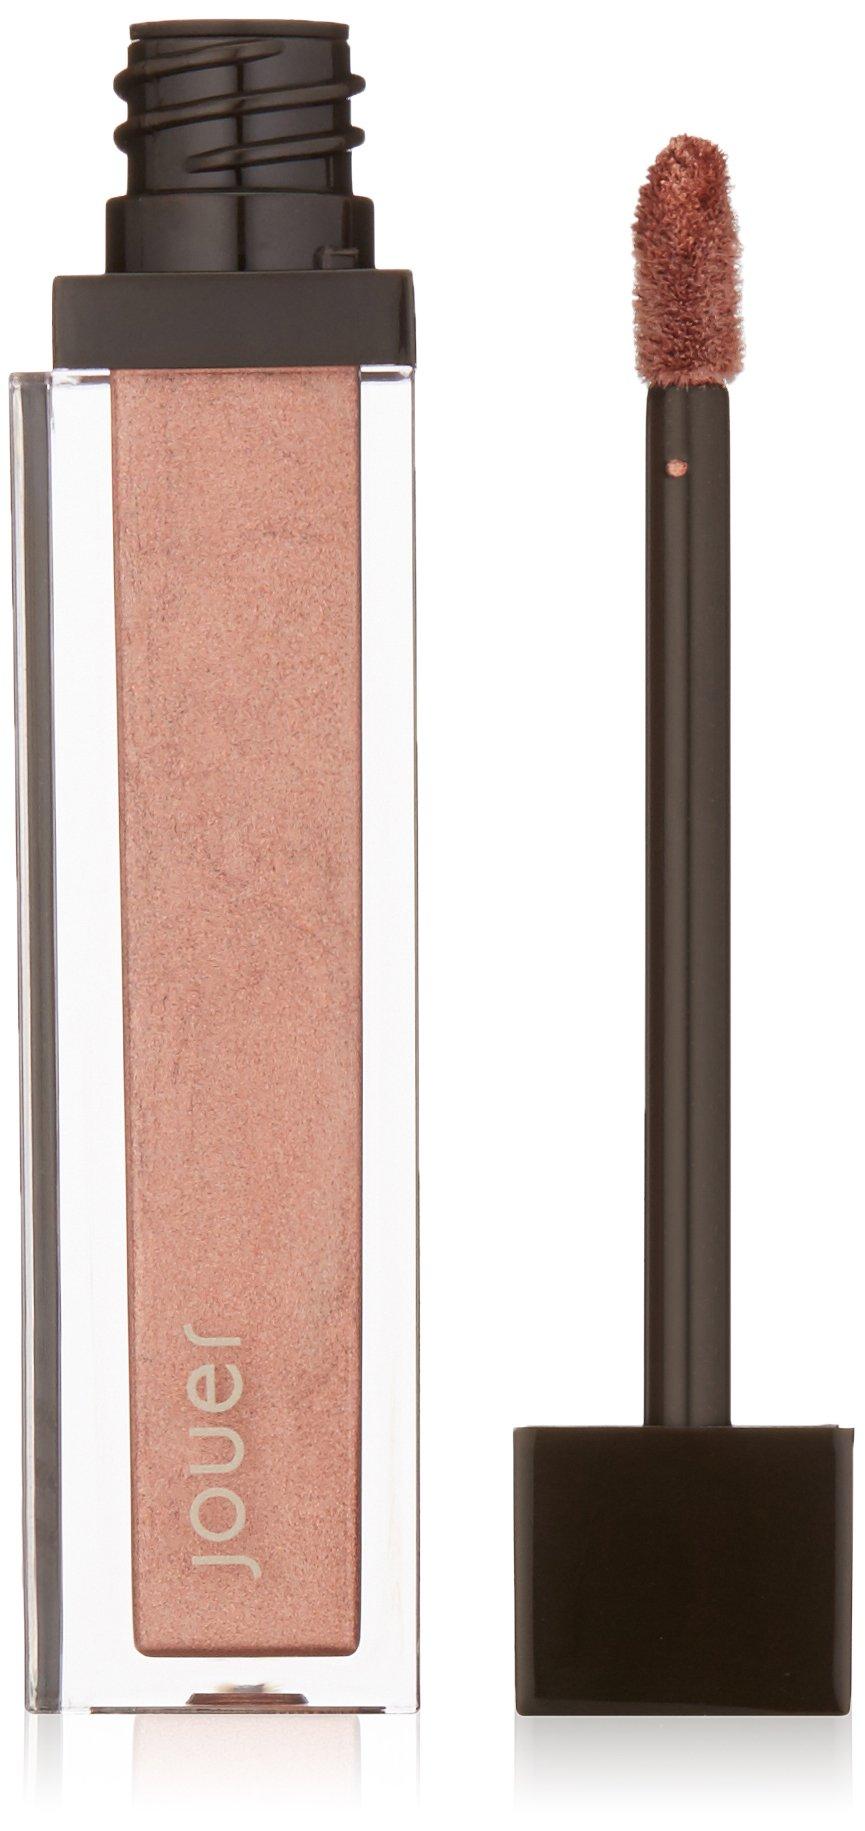 Jouer Long-wear Lip Crème, Metallic Deep Rose Gold, 0.21 fl. oz.